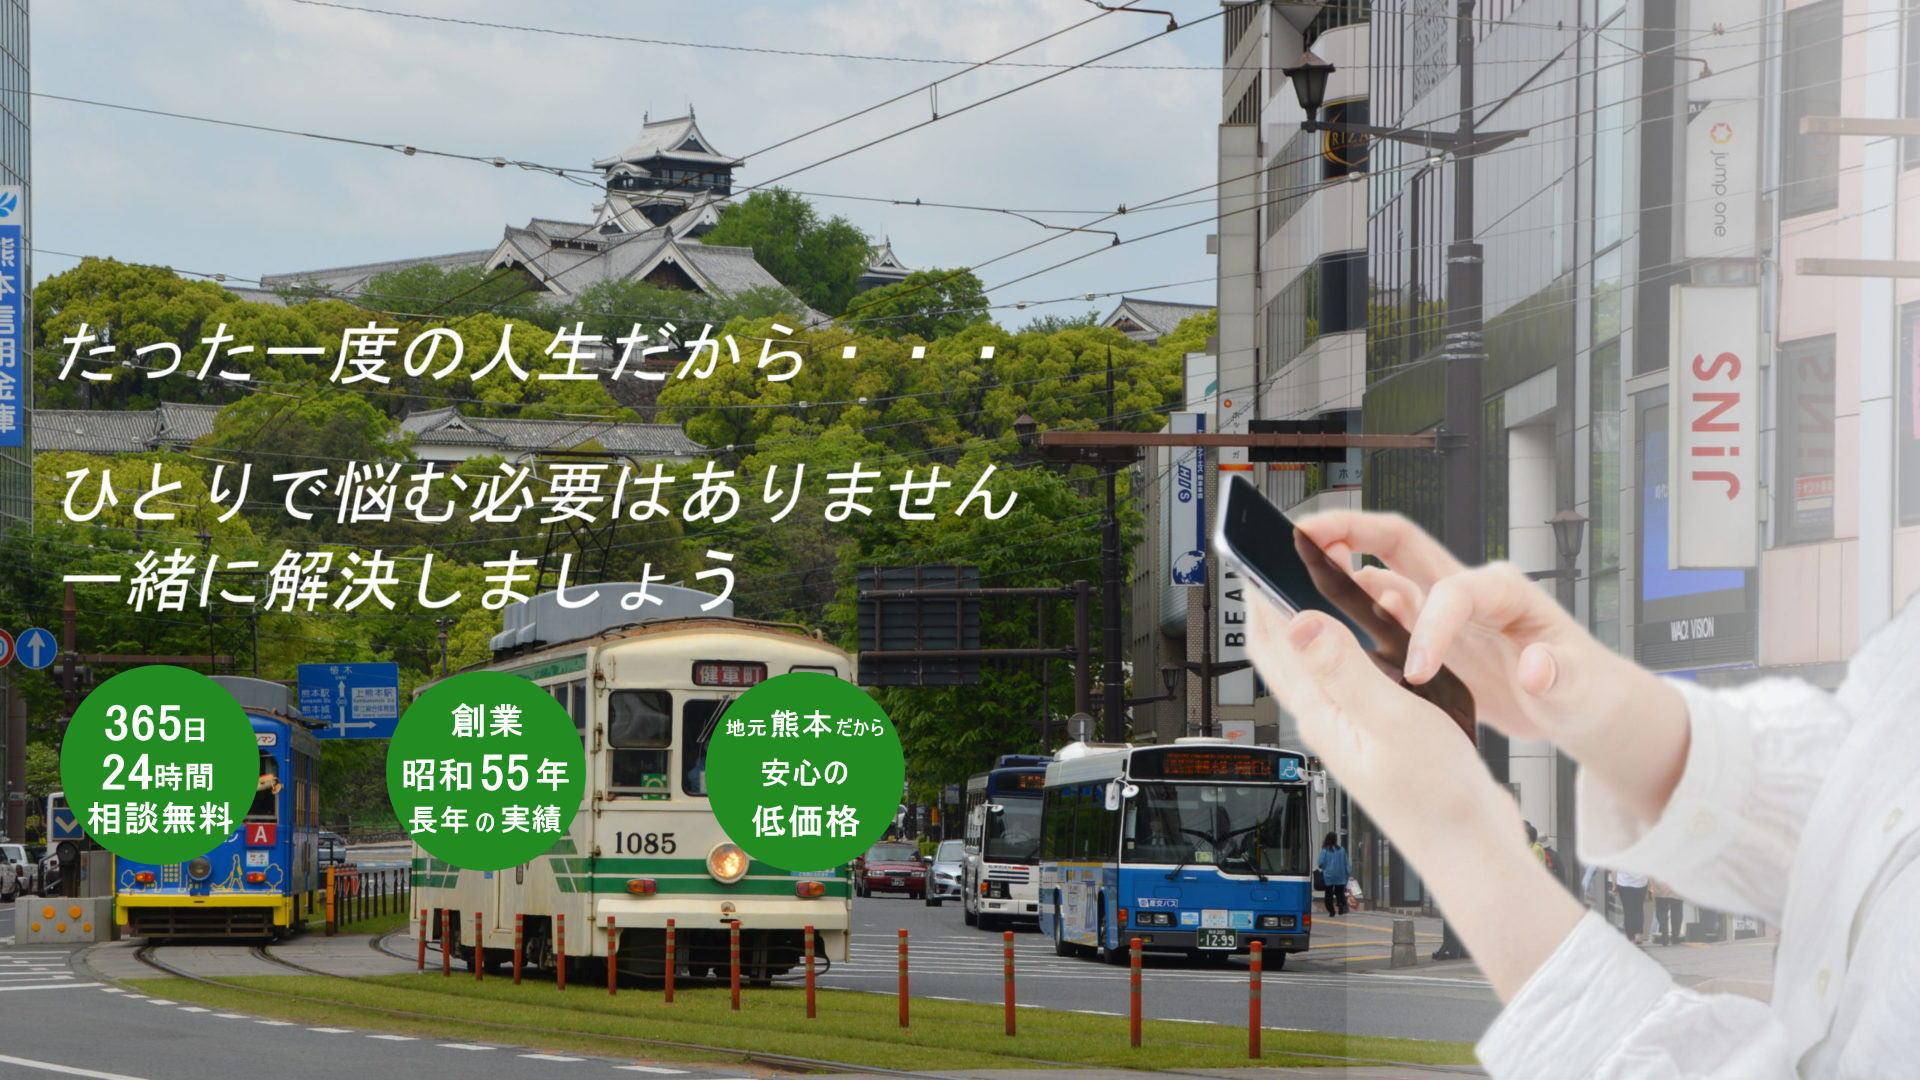 熊本の探偵|浮気調査や不倫調査に強い九州リサーチ